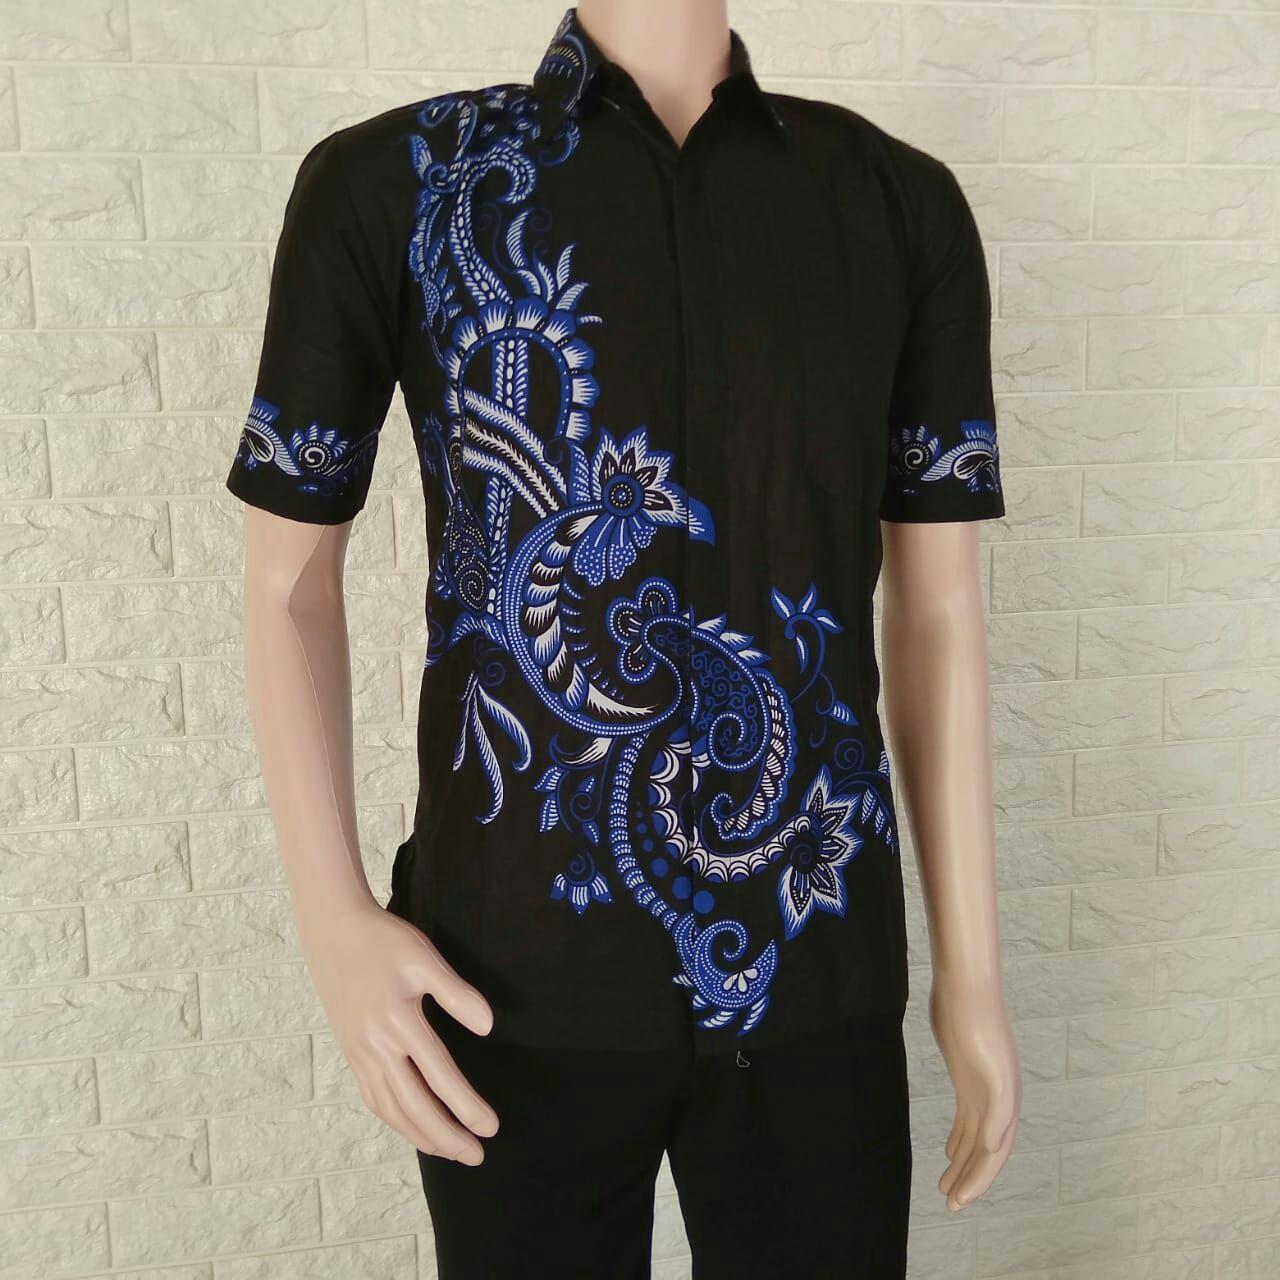 Pakaian Pria Model Kemeja Batik Pria Kemeja Batik Pekalongan Baju Batik  Cowok Baju Batik Kantor fb392e73e7